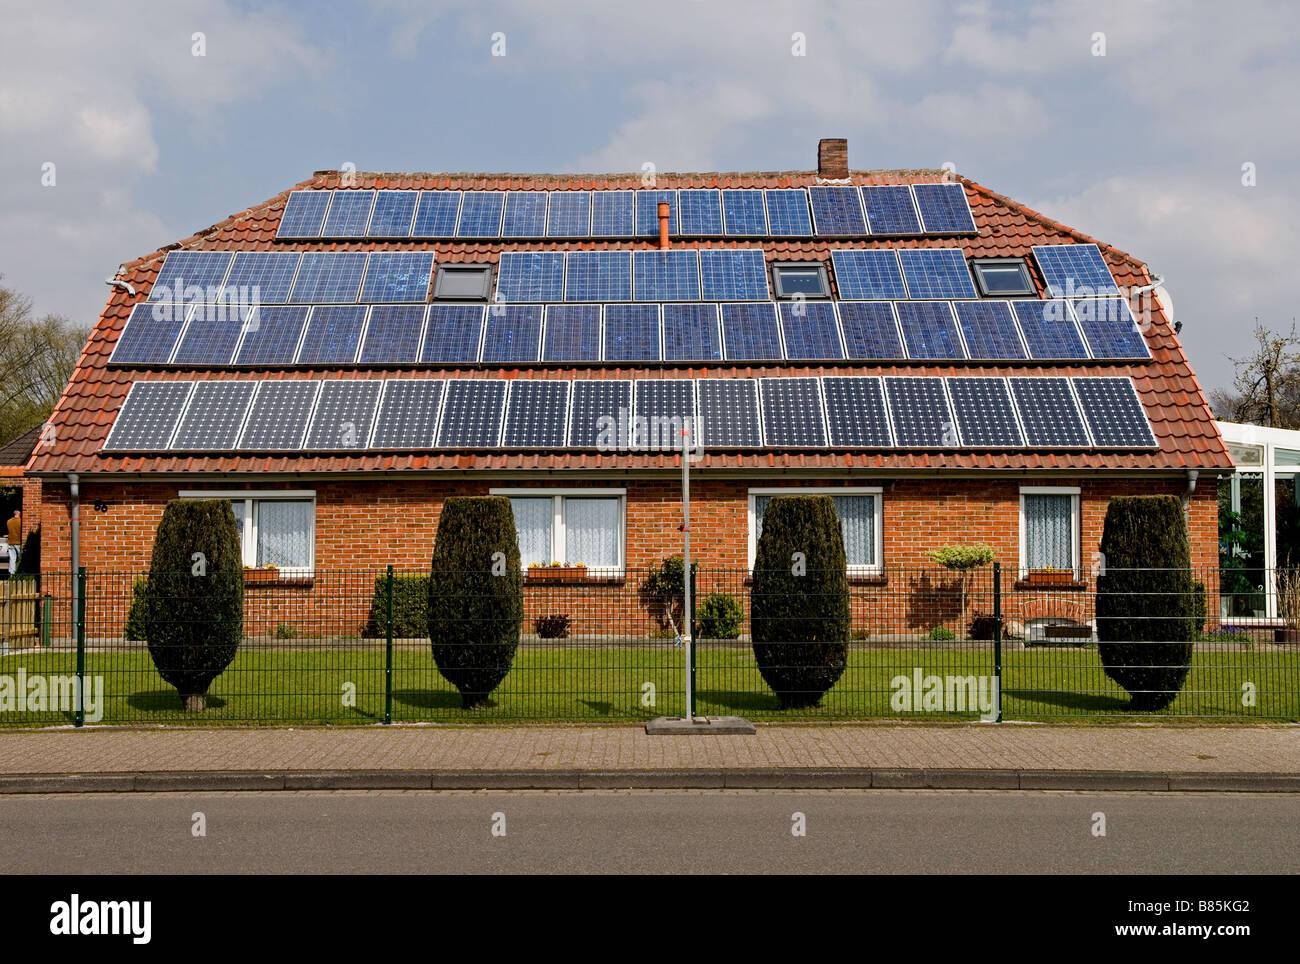 Maison de l'énergie solaire, Oldenbourg, Basse-Saxe, Allemagne. Photo Stock